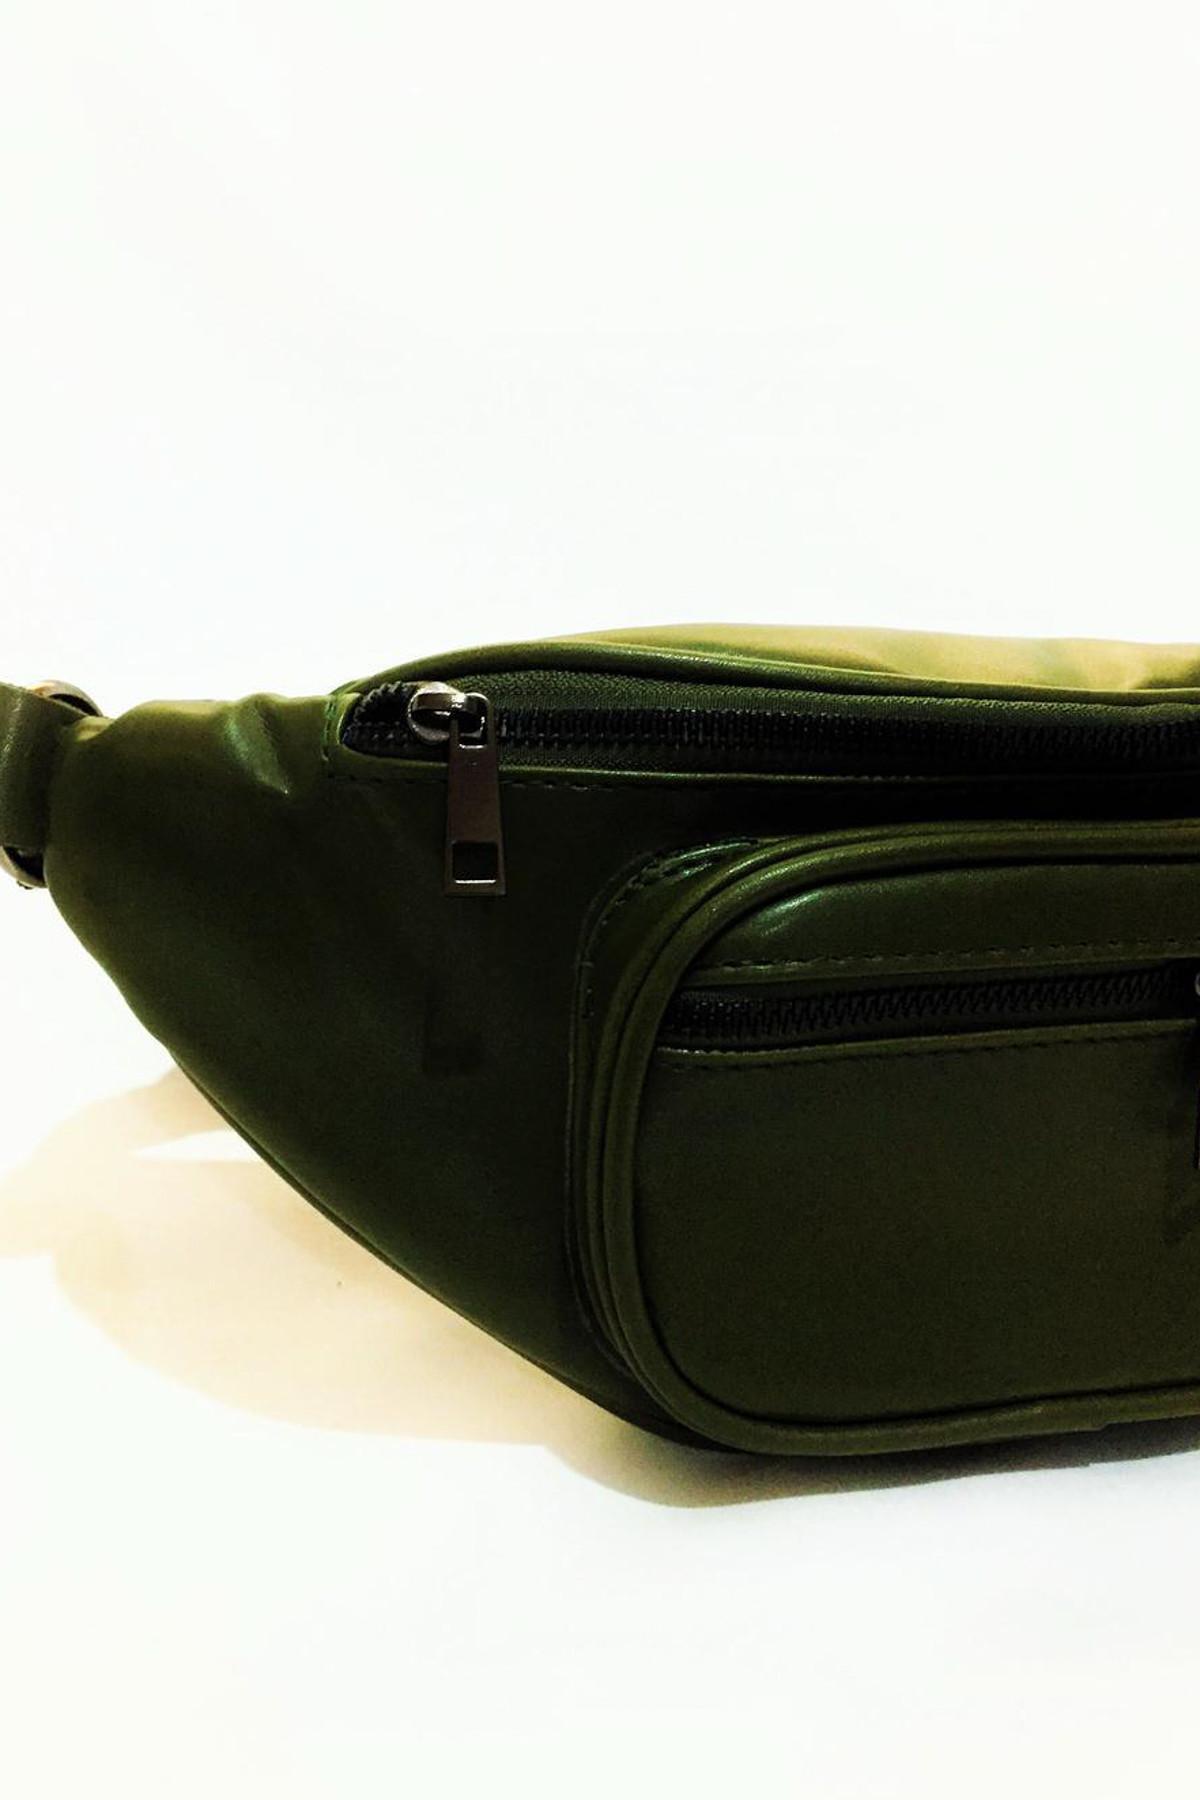 Dr. Stone Marka Kadın Yeşil Rengi Deri Bel Çantası Xybdr66 2